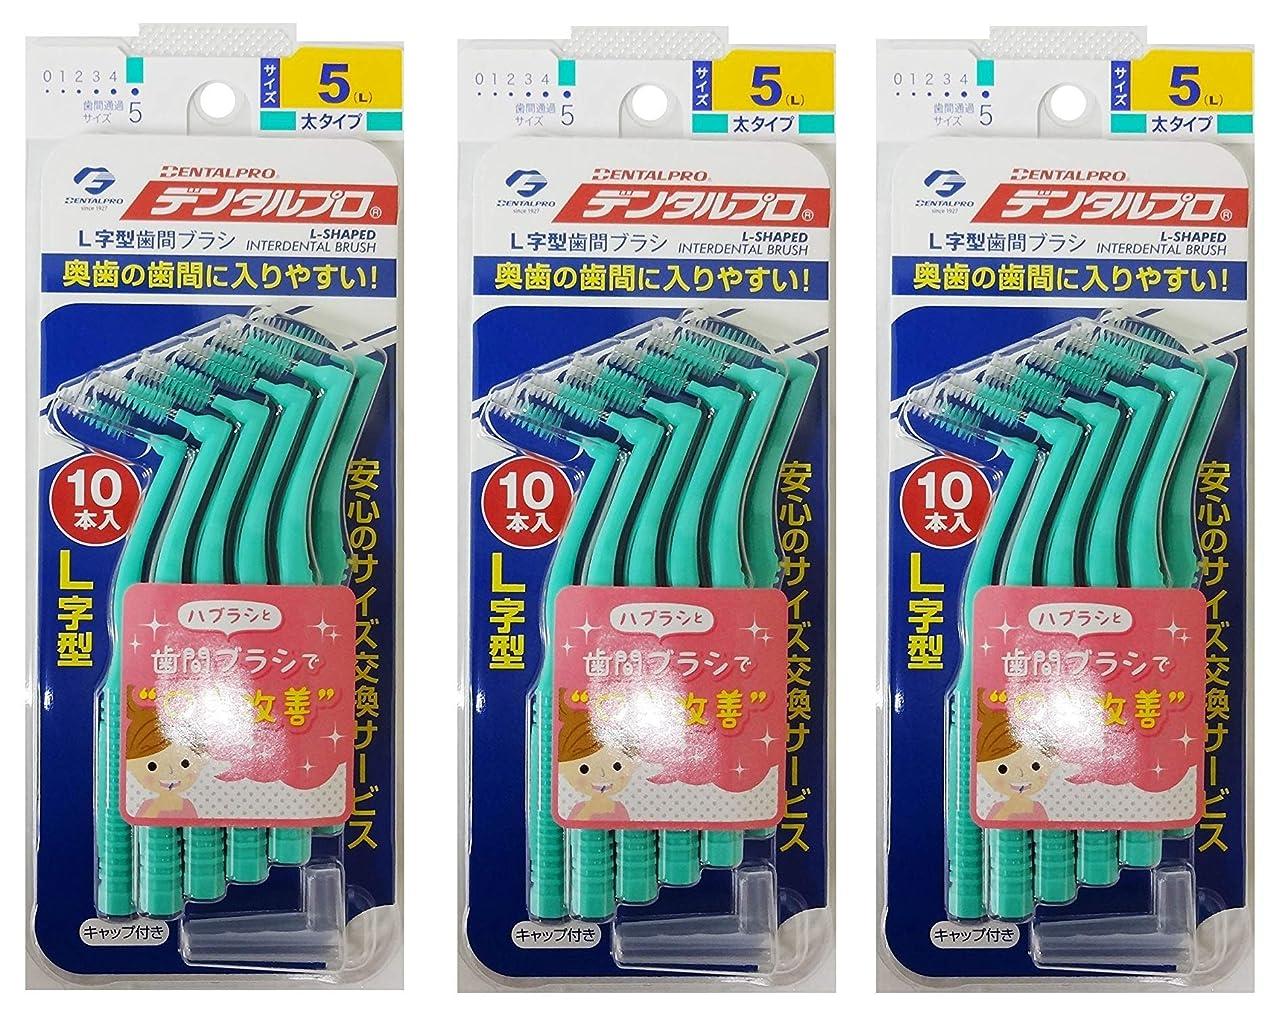 宴会希望に満ちたのデンタルプロ歯間ブラシL字型 サイズ5 10本入×3セット